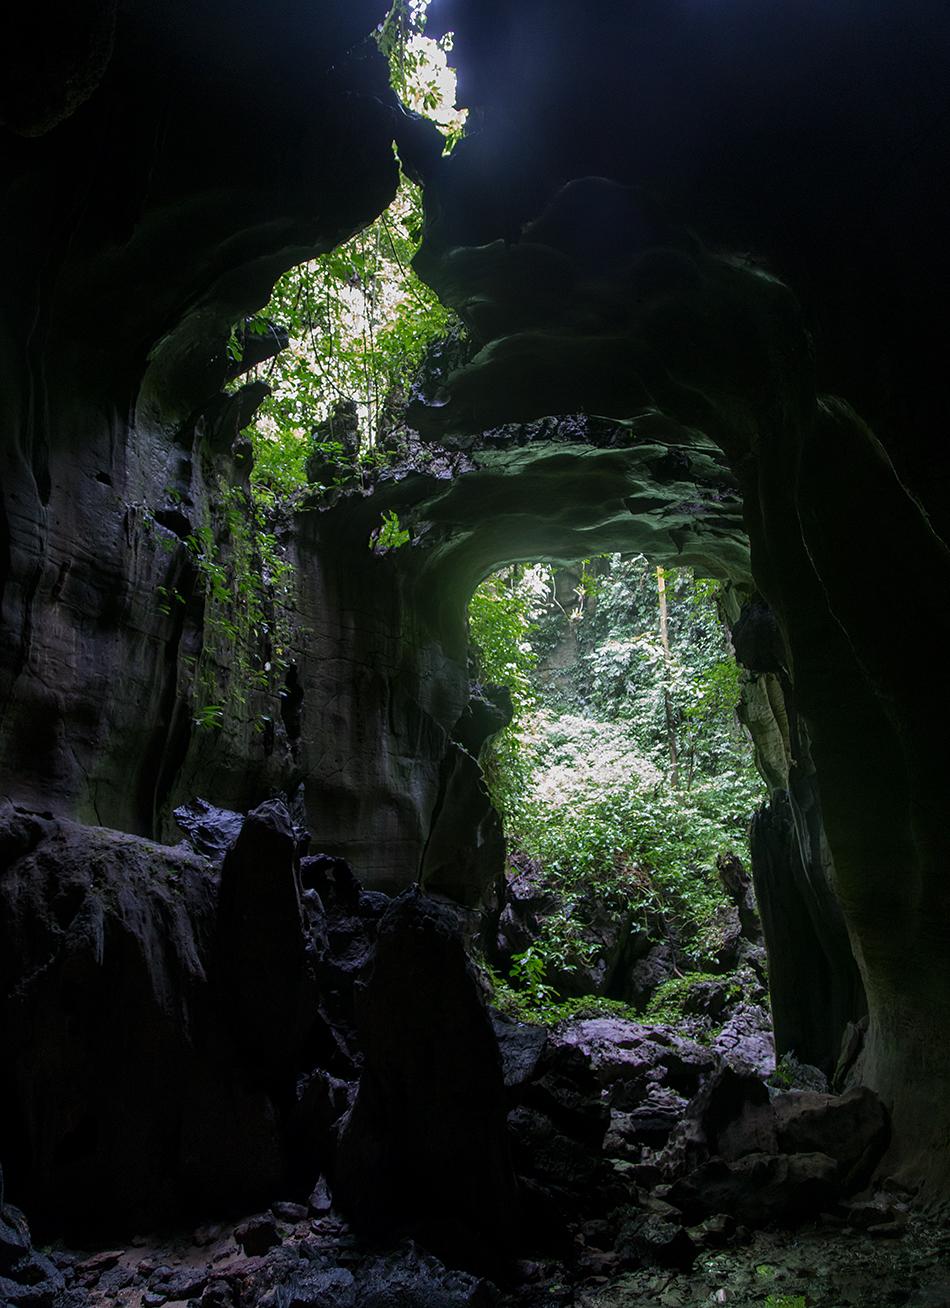 Fabian Fröhlich, Bukit Lawang, Sumatra, Bat Cave